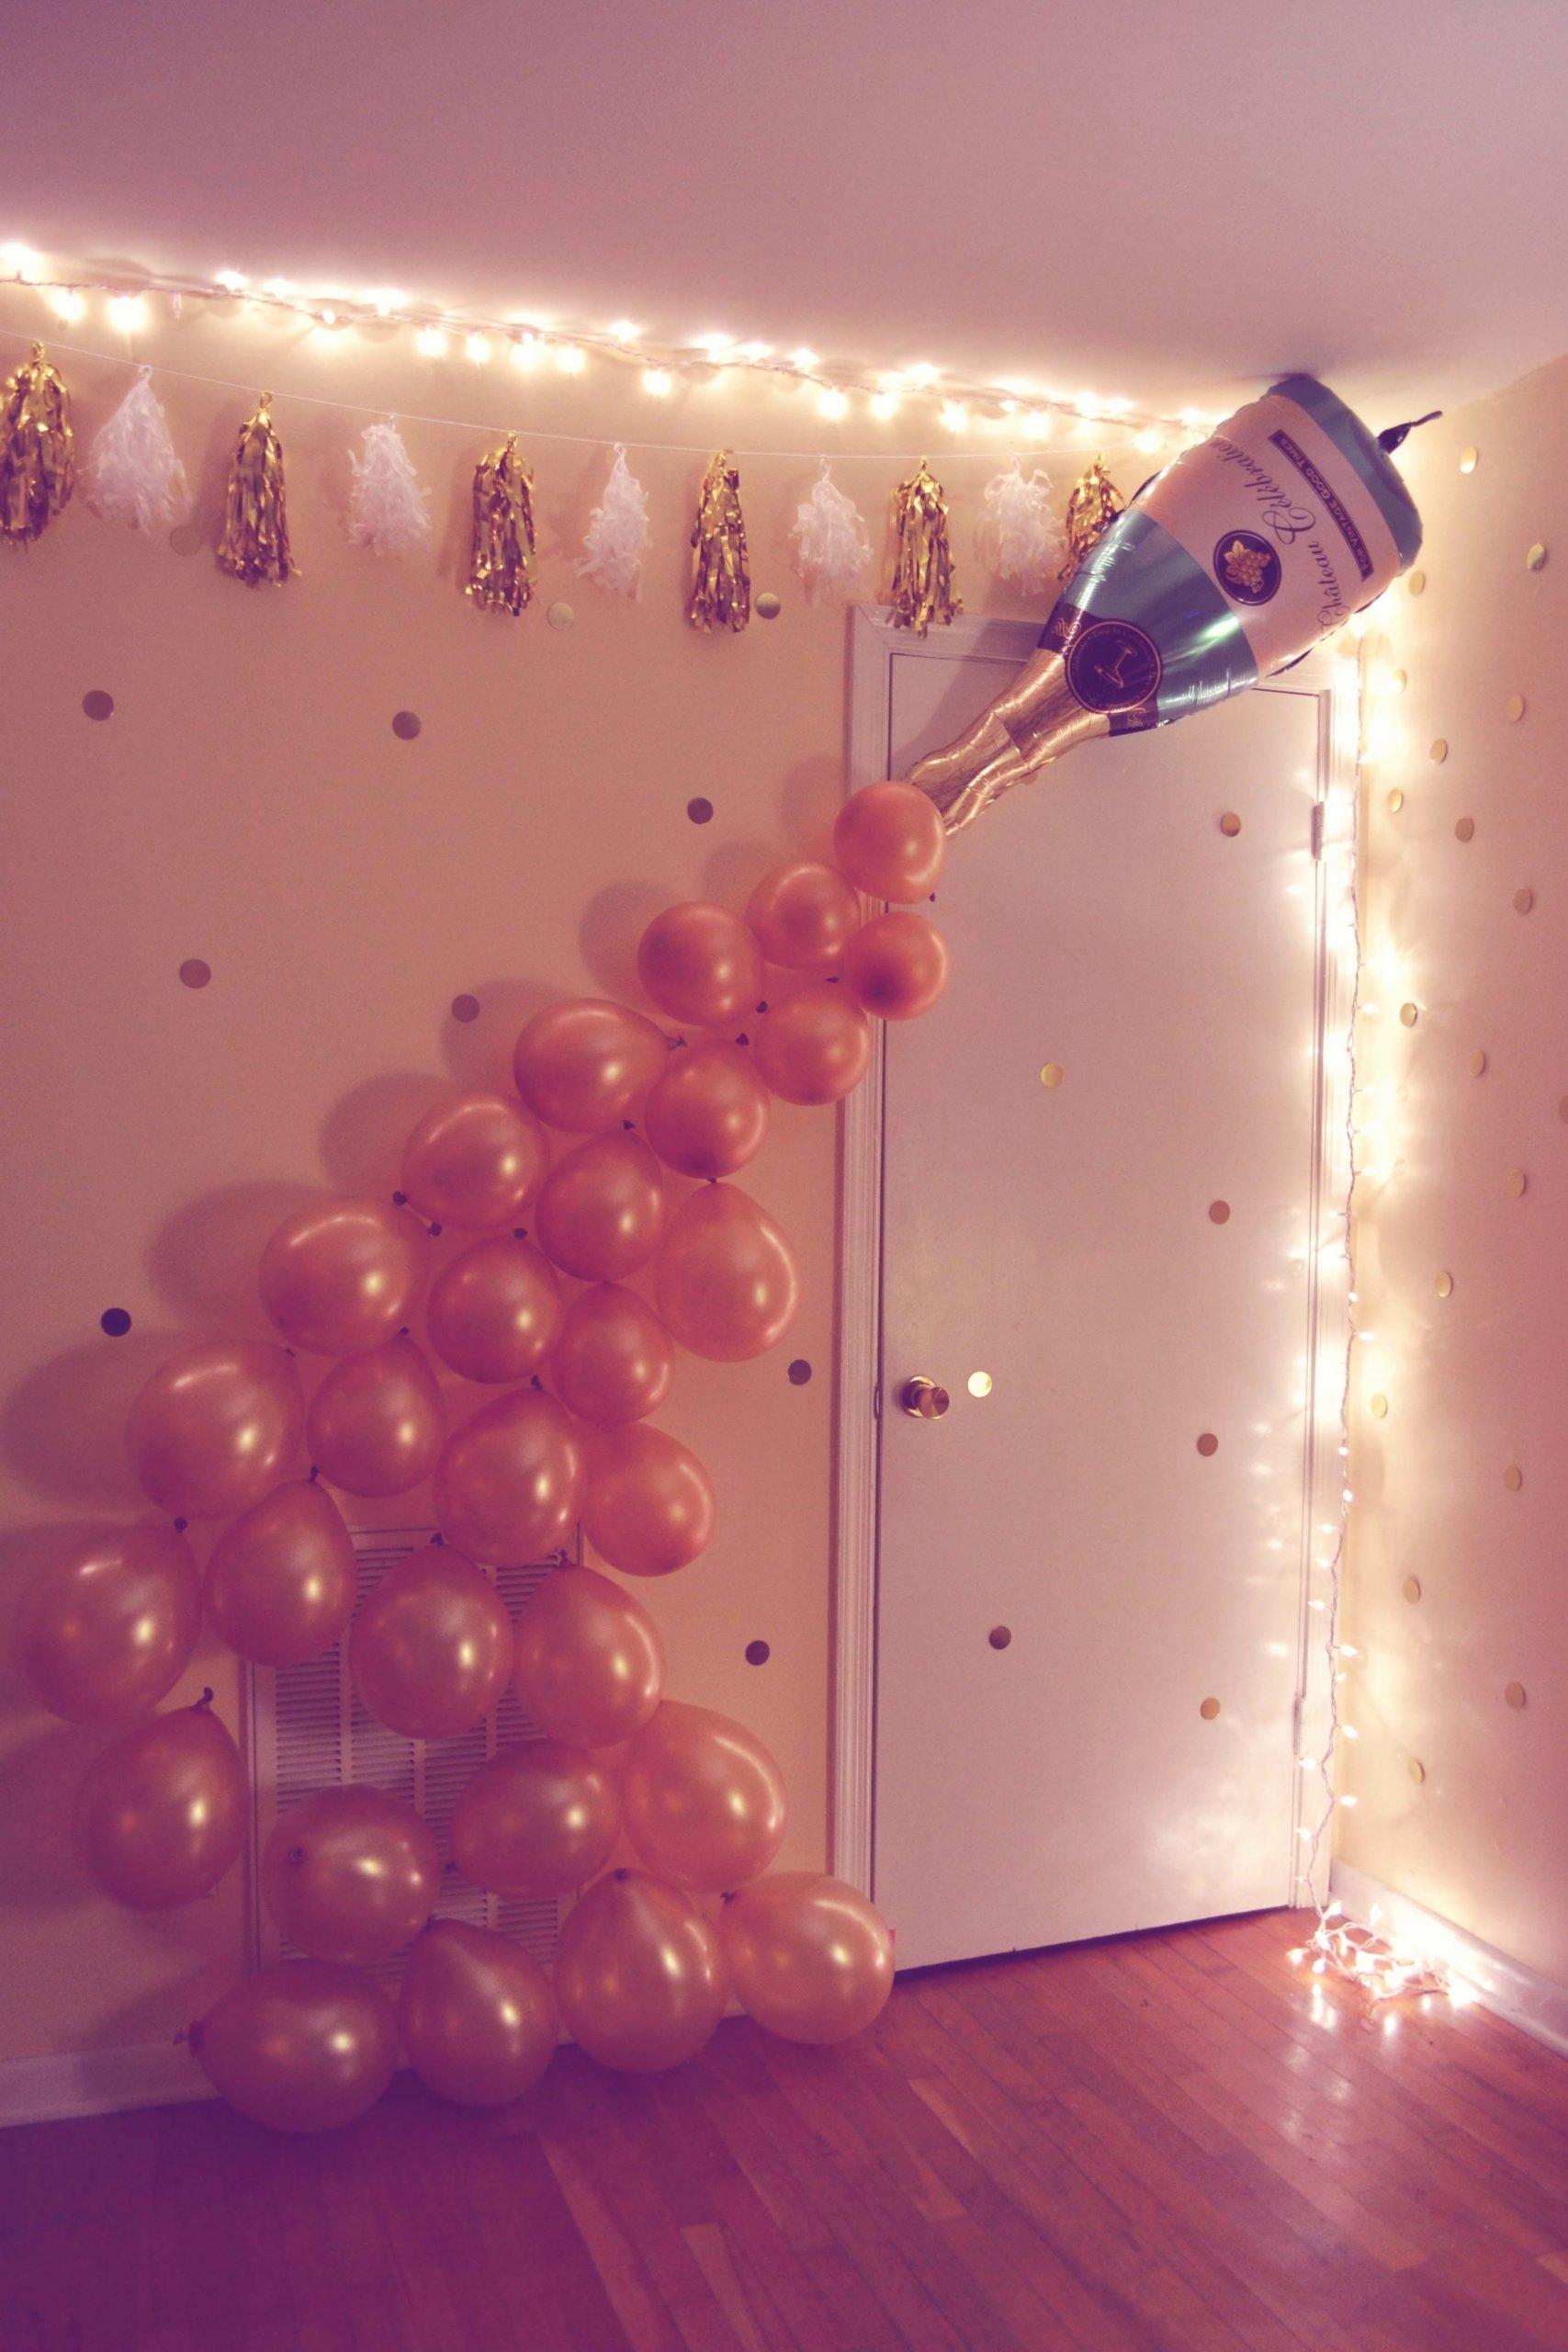 21st Birthday Decoration Ideas for Boy Elegant Diy 21st Birthday Party